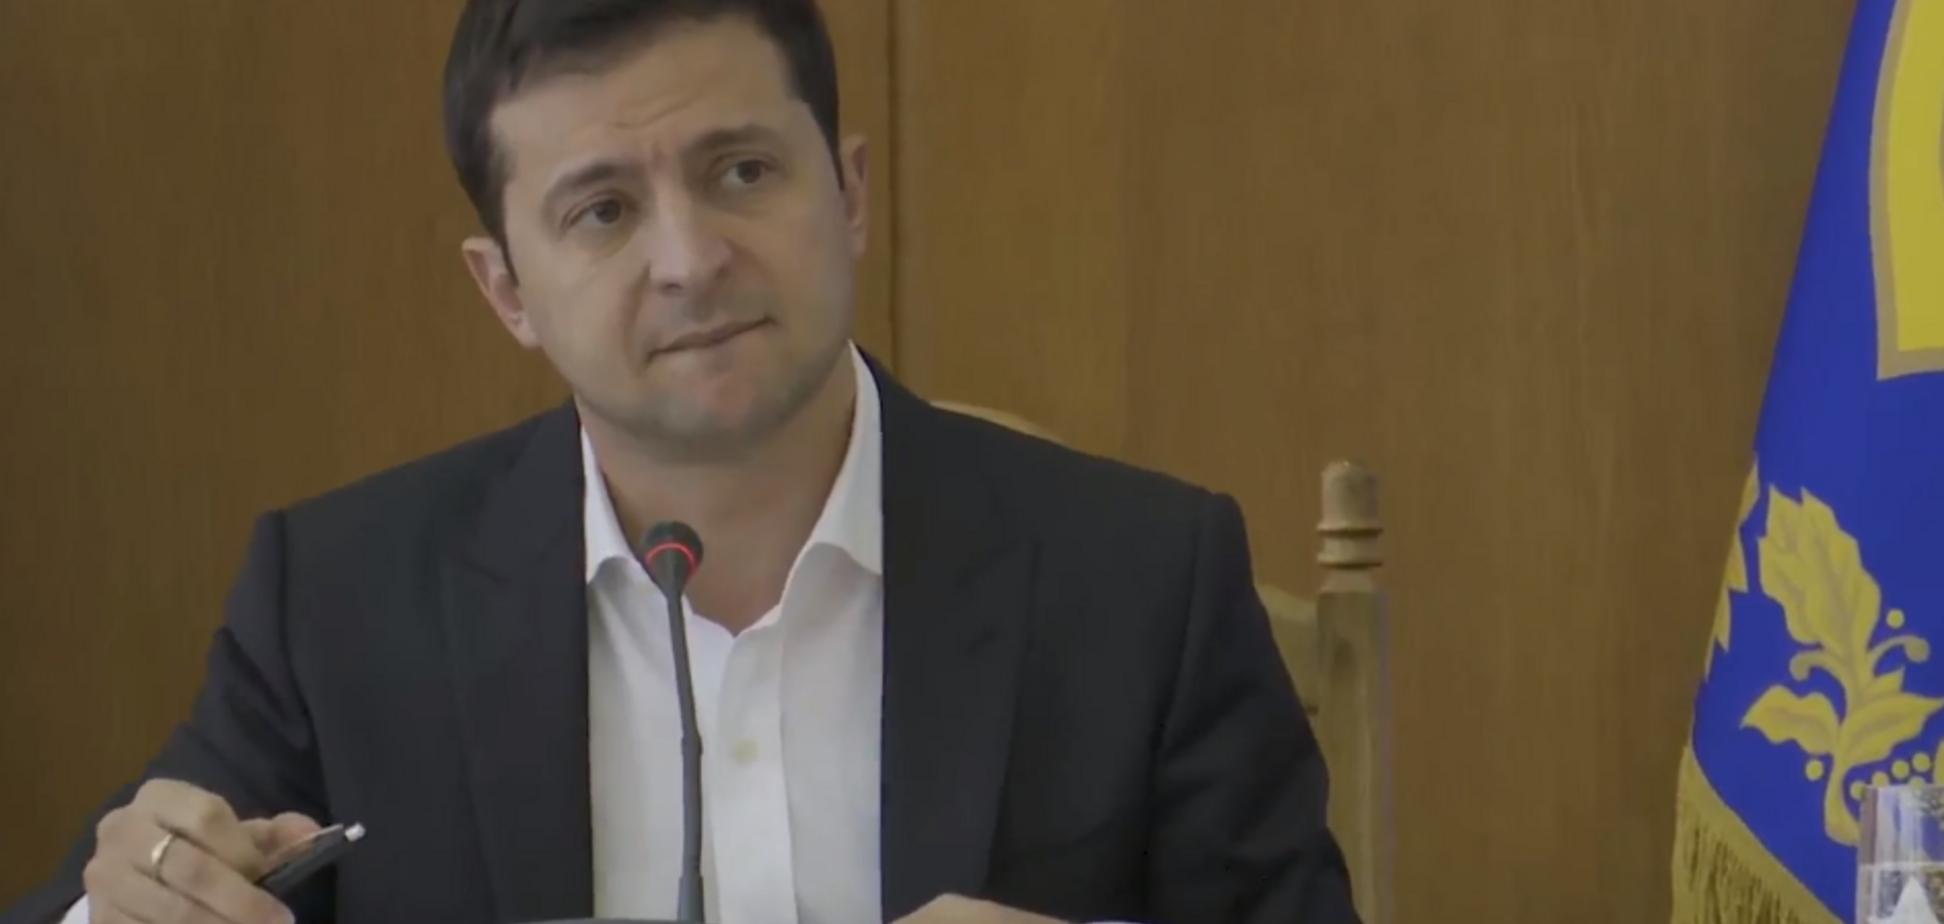 'Где дороги?!' Зеленский устроил разнос властям Тернополя